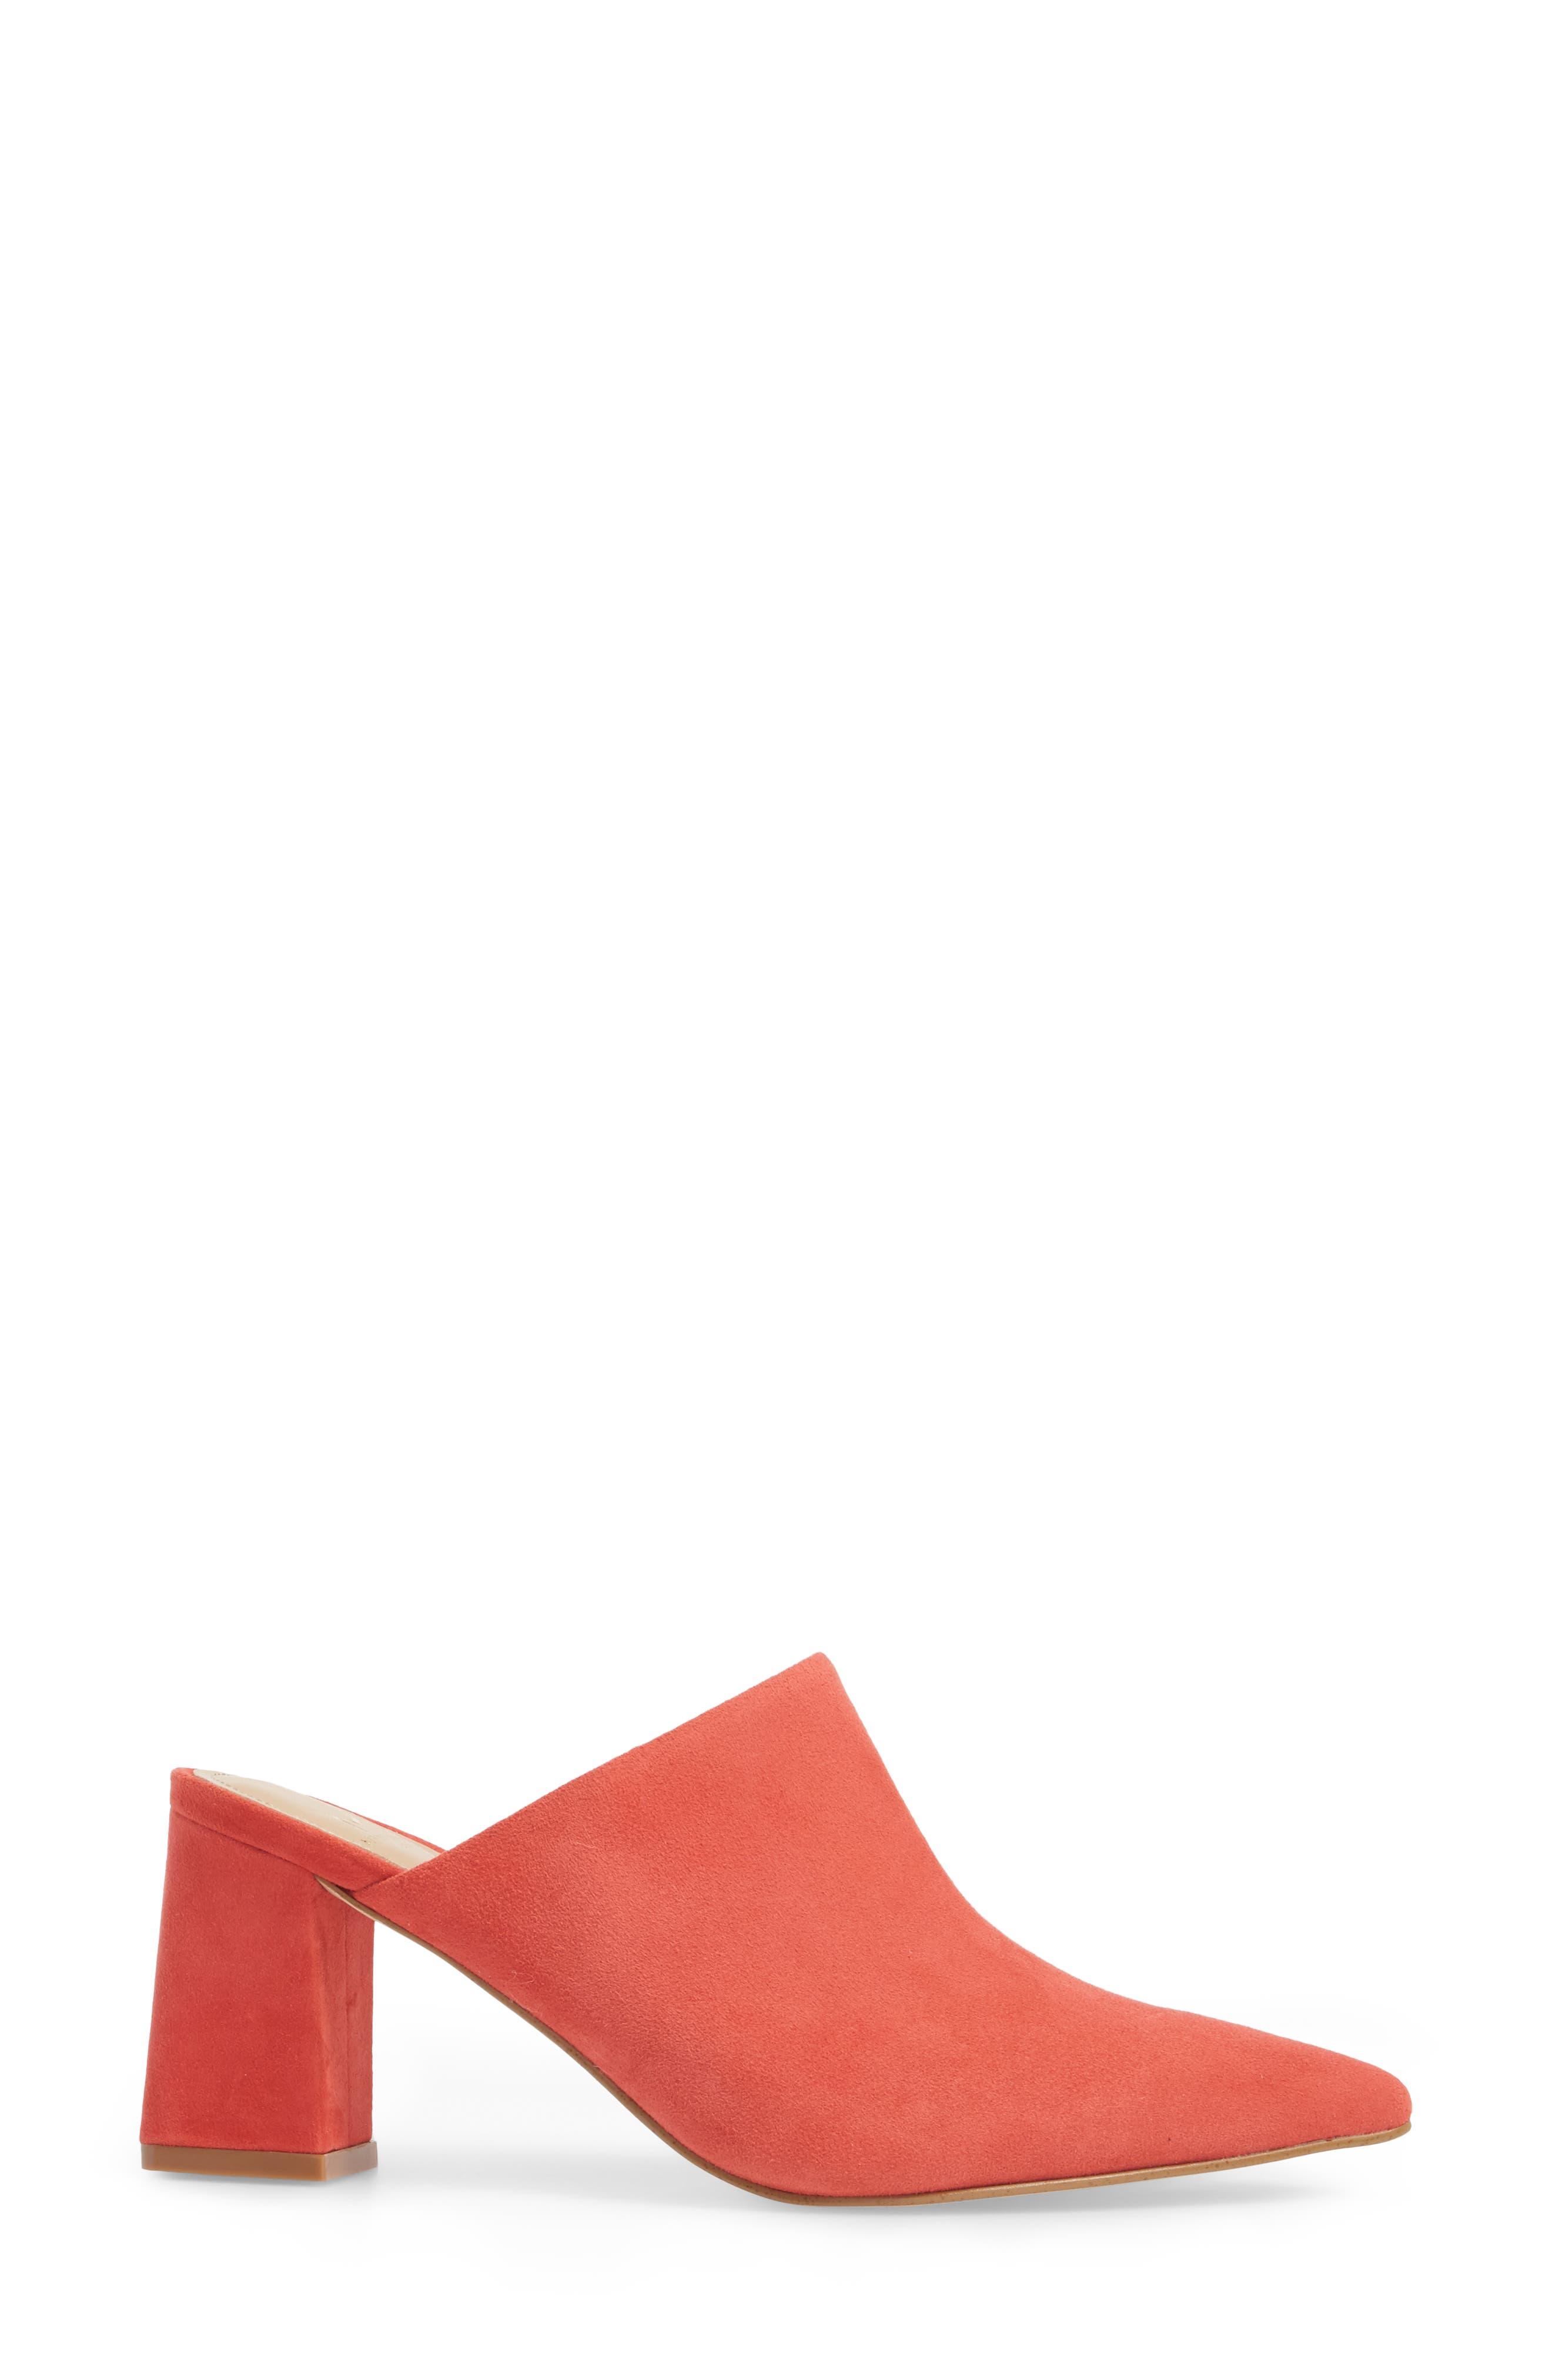 Alternate Image 3  - Marc Fisher LTD Zivon Pointy Toe Mule (Women)